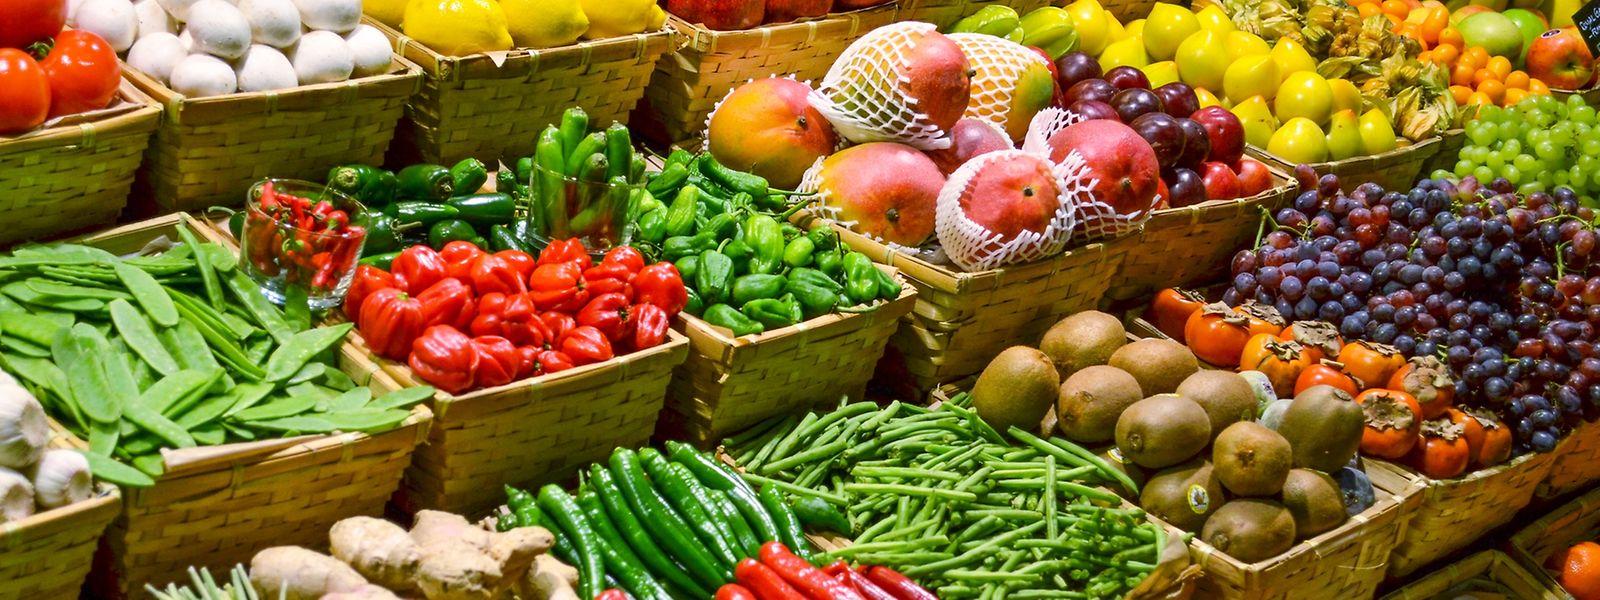 Obst und Gemüse wird es in Luxemburg zukünftig auch ohne Plastikverpackung geben.